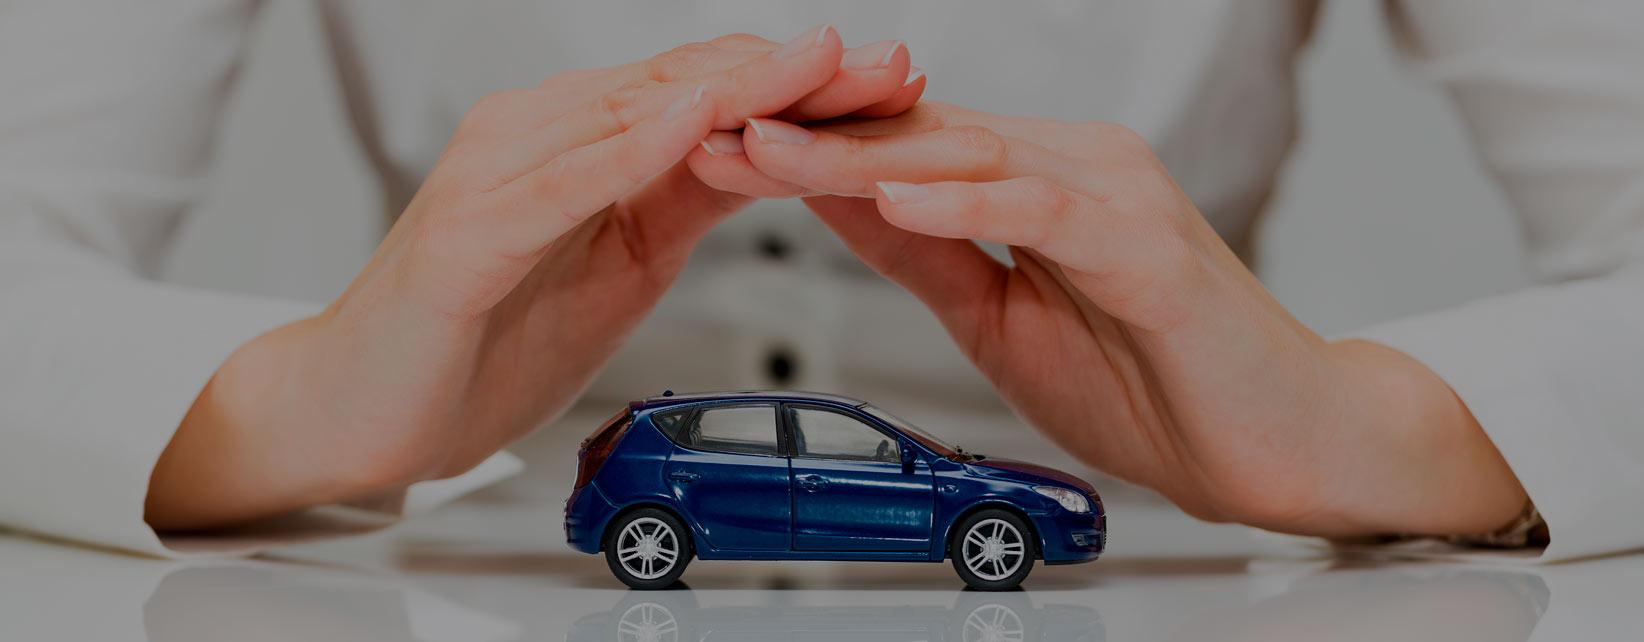 Te ayudamos en las reclamaciones por accidentes de tráfico.